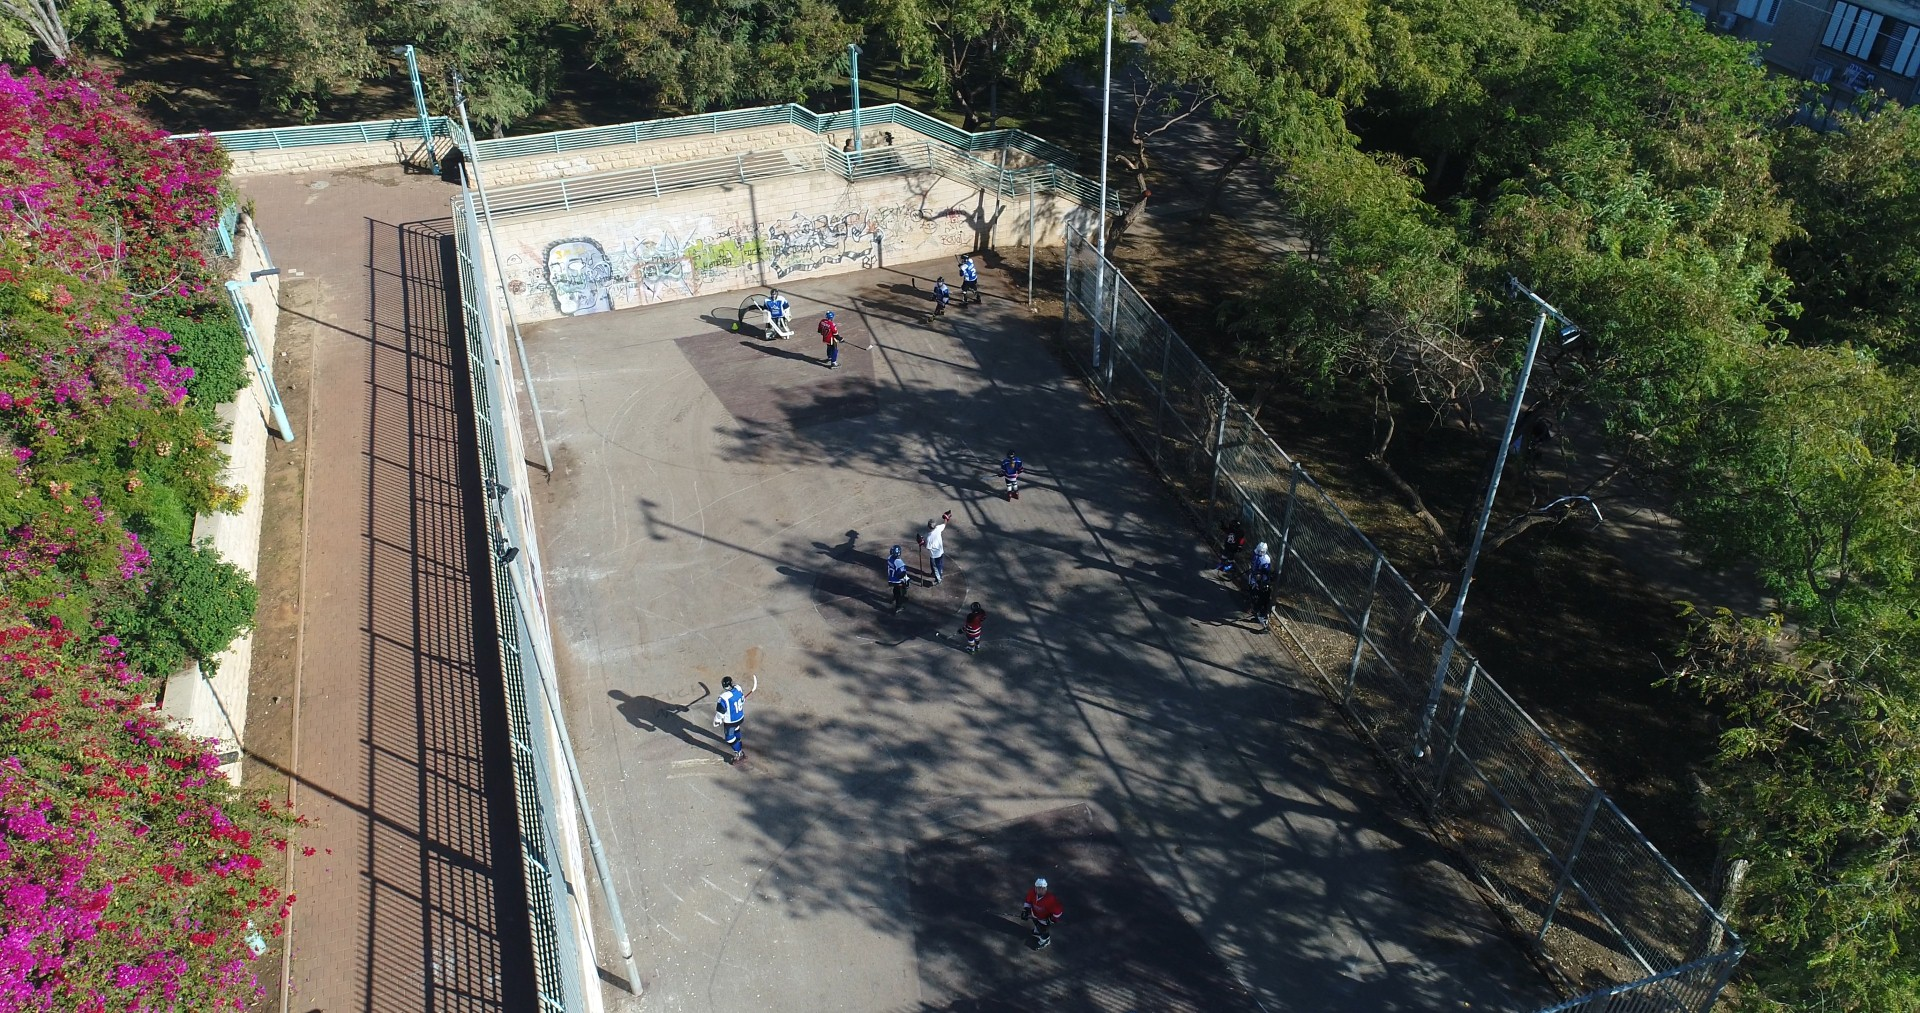 המגרש לפני השיפוץ - אי אפשר להתאמן כאן (צילום: Droneimagebank, אינטרוויזיה הפקות)